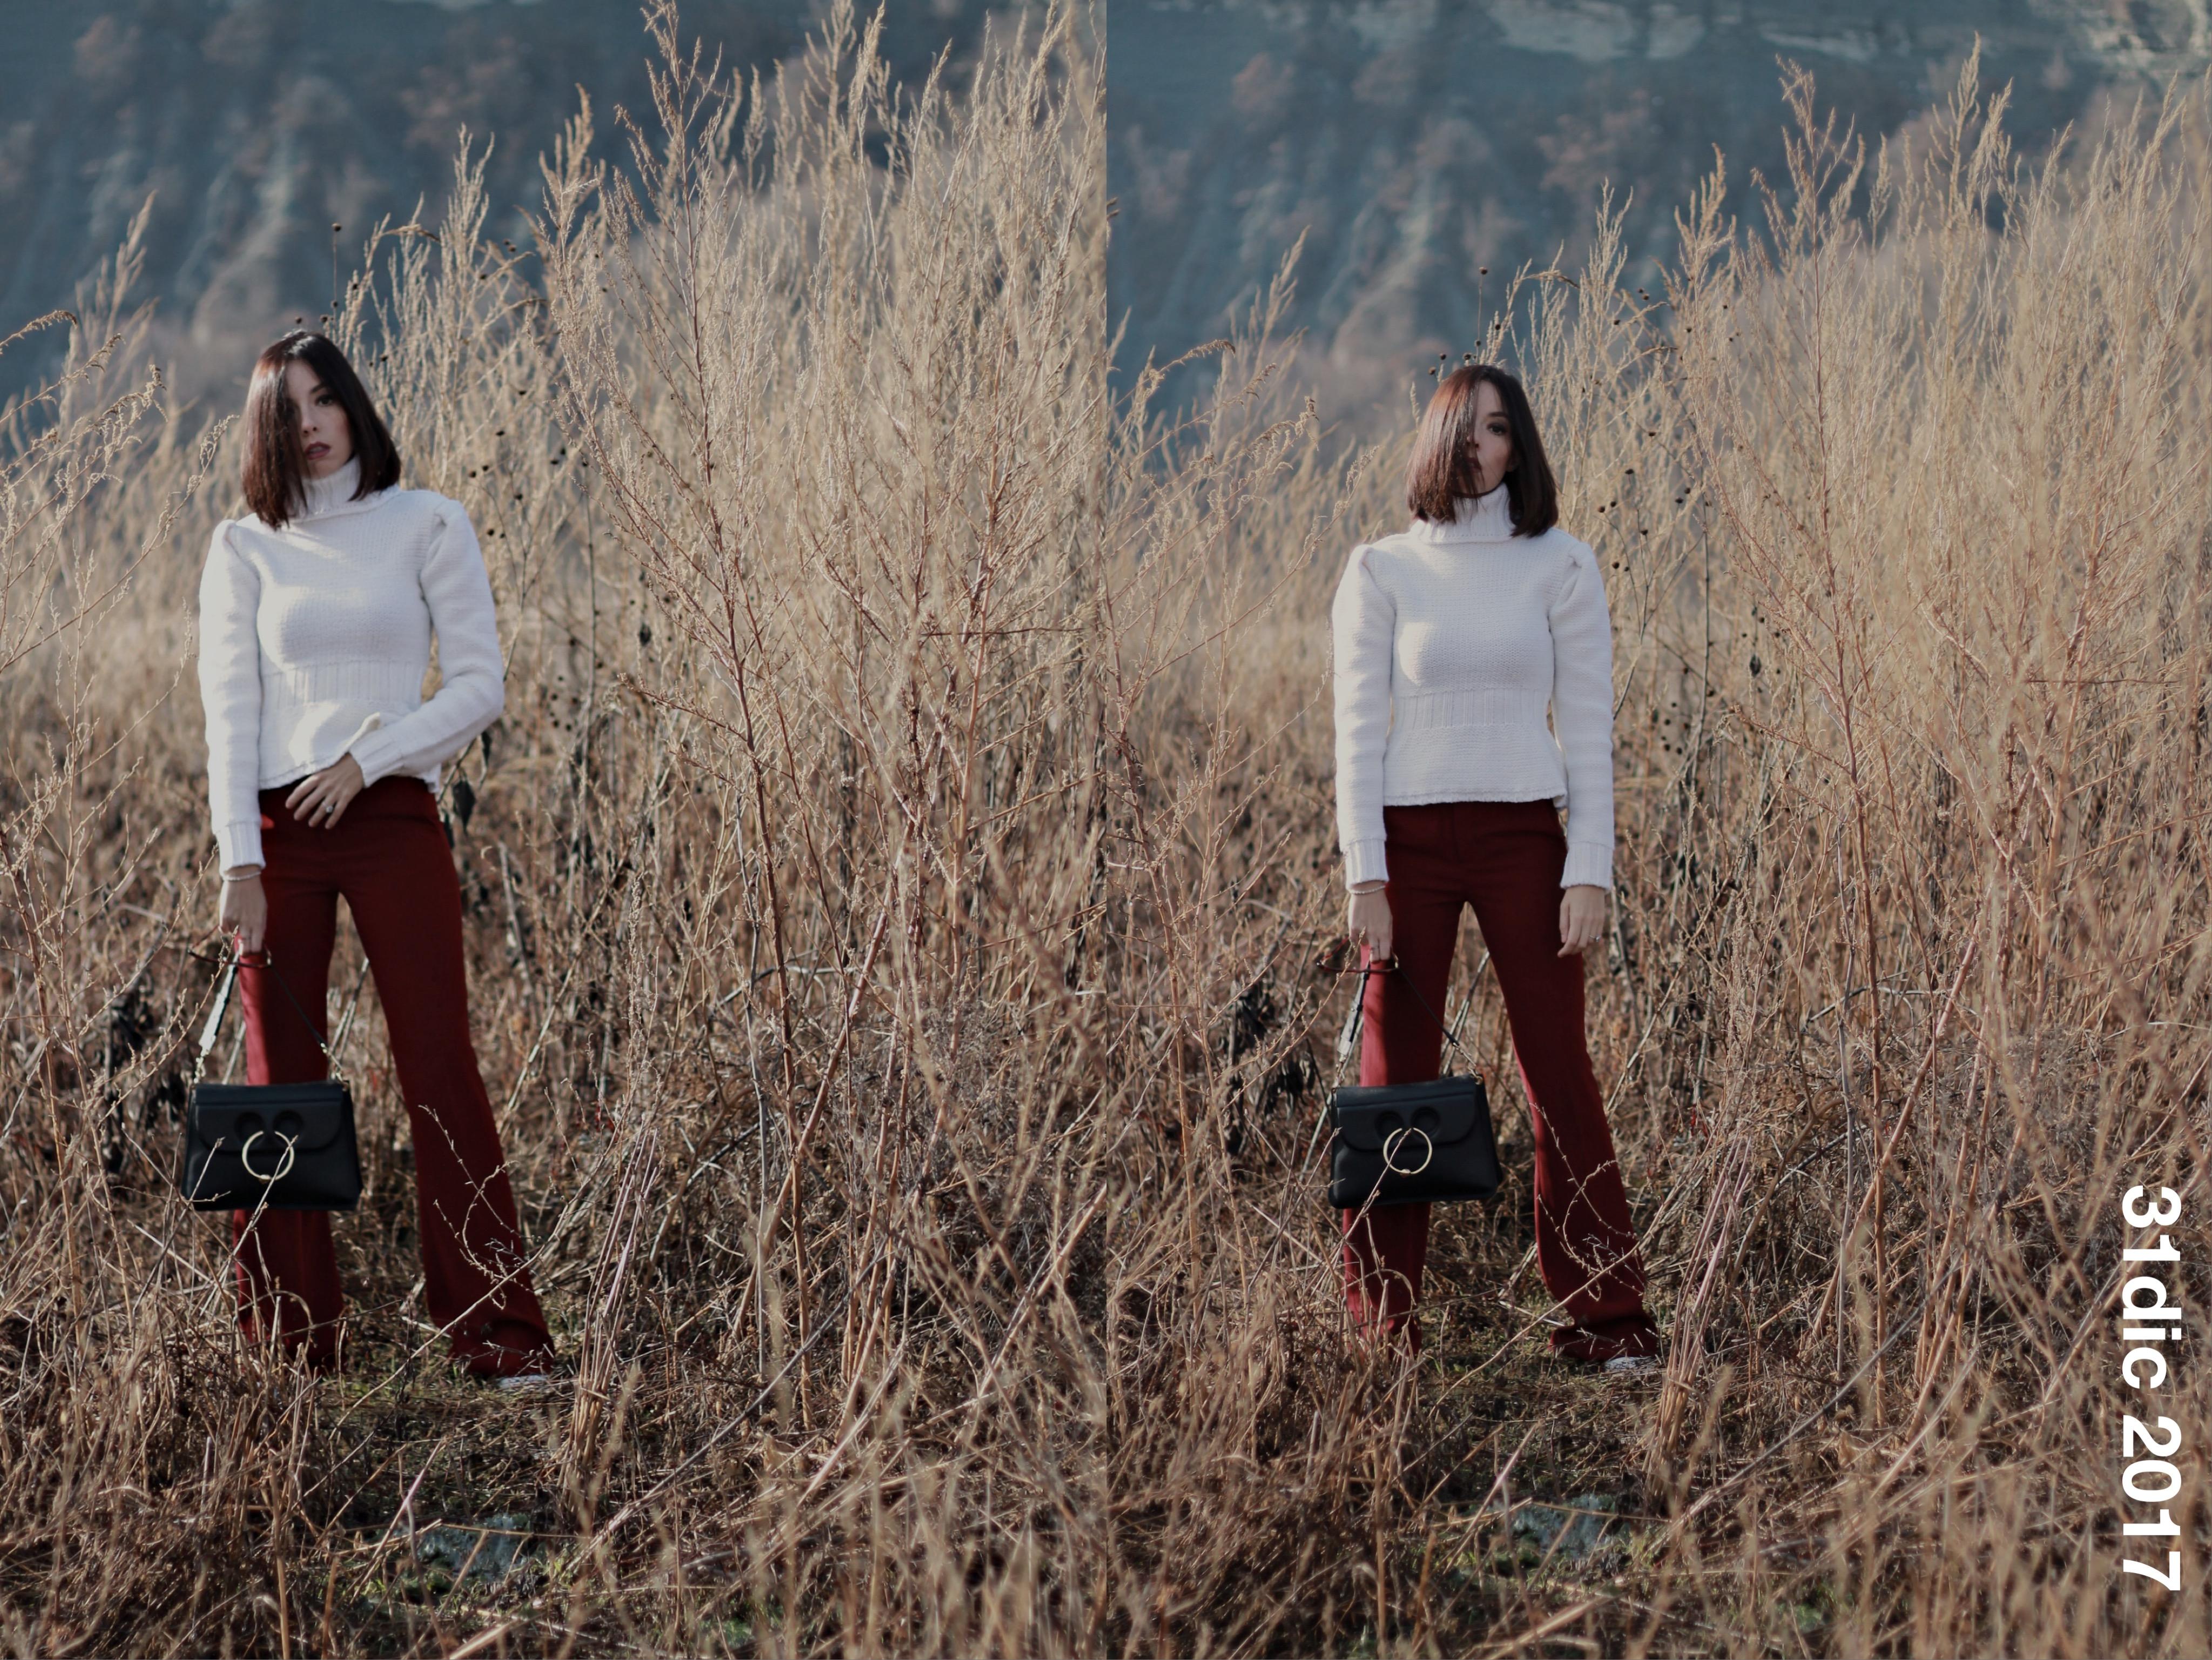 Tendenze 2018 moda, j w anderson pierce bag, come vestirsi in inverno 2018, outfit lavoro inverno 2018, outfit casual chic inverno 2018, come vestirsi quando si gela, sostenibilità moda 2018, moda e spiritualità 2018, elisa bellino, fashion blogger famose 2018, blogger moda più seguite instagram 2018, blogger moda 2018,